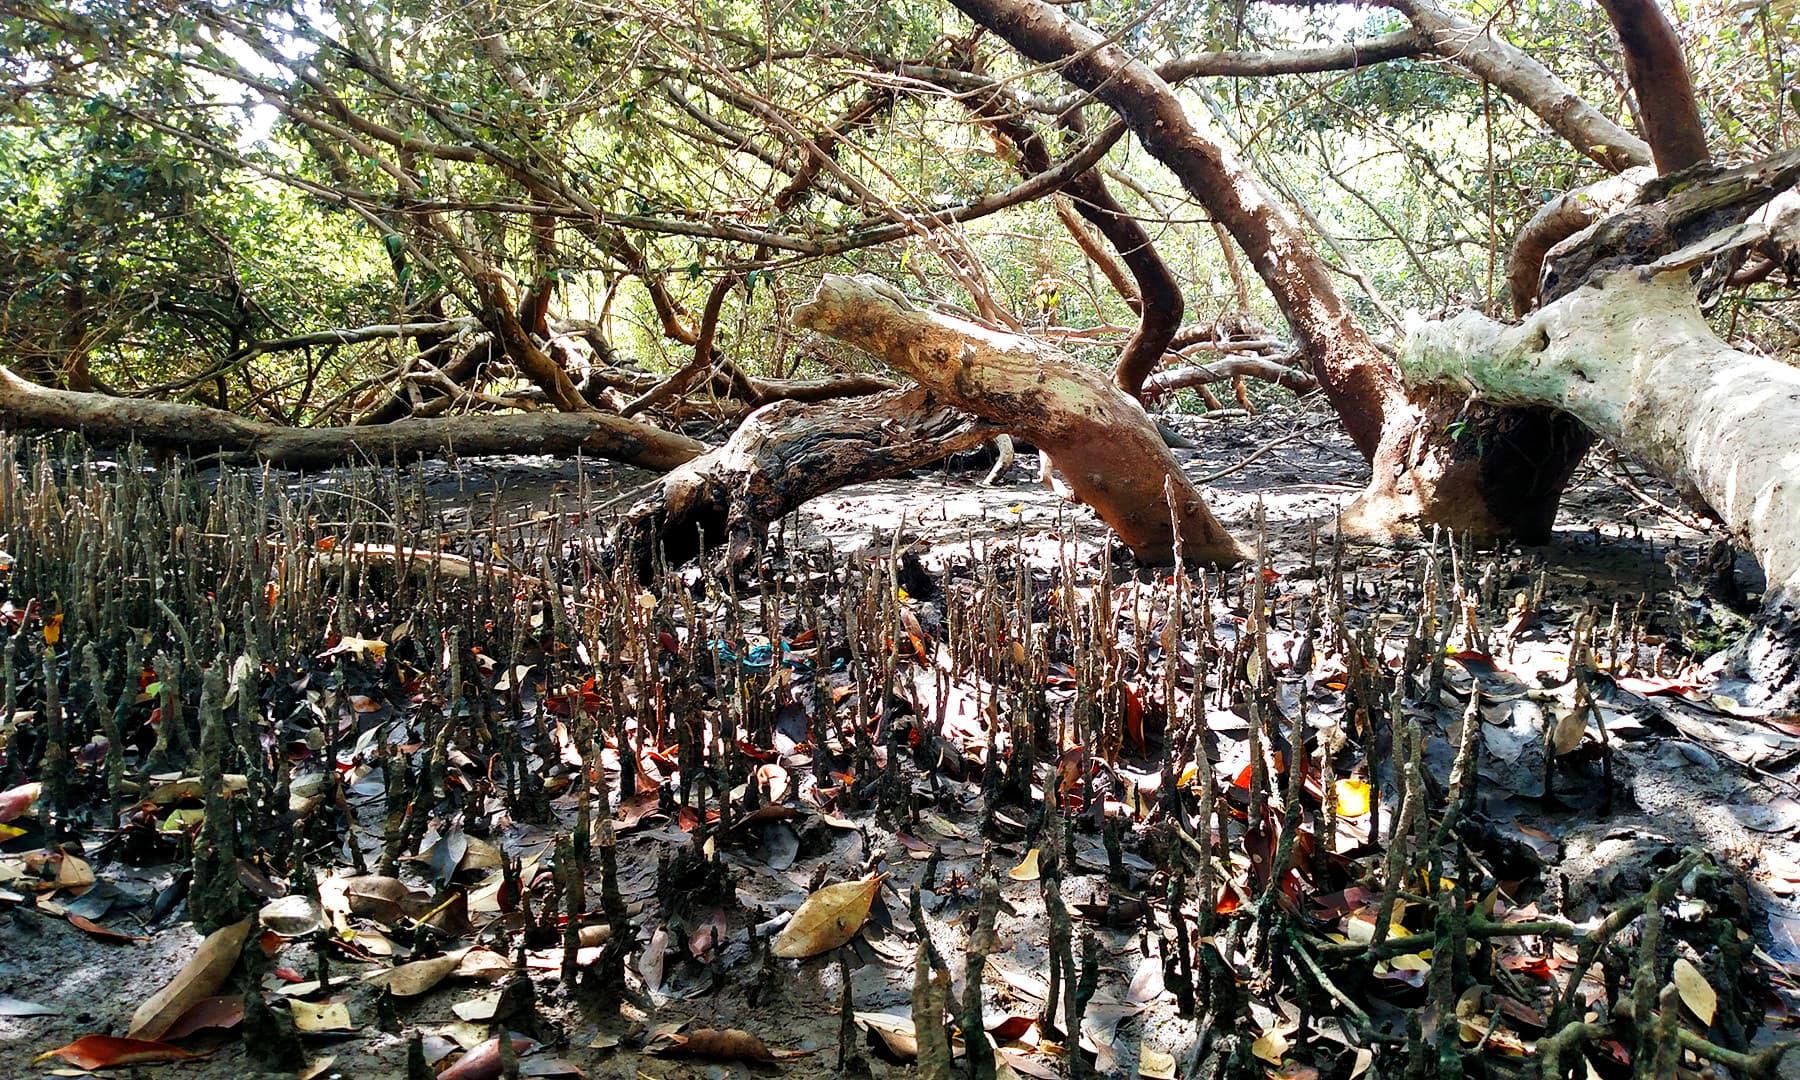 مینگرووز کی جڑیں زمین کے اندر سے باہر کی جانب نکلی ہوتی ہیں — فوٹو بشکریہ لکھاری